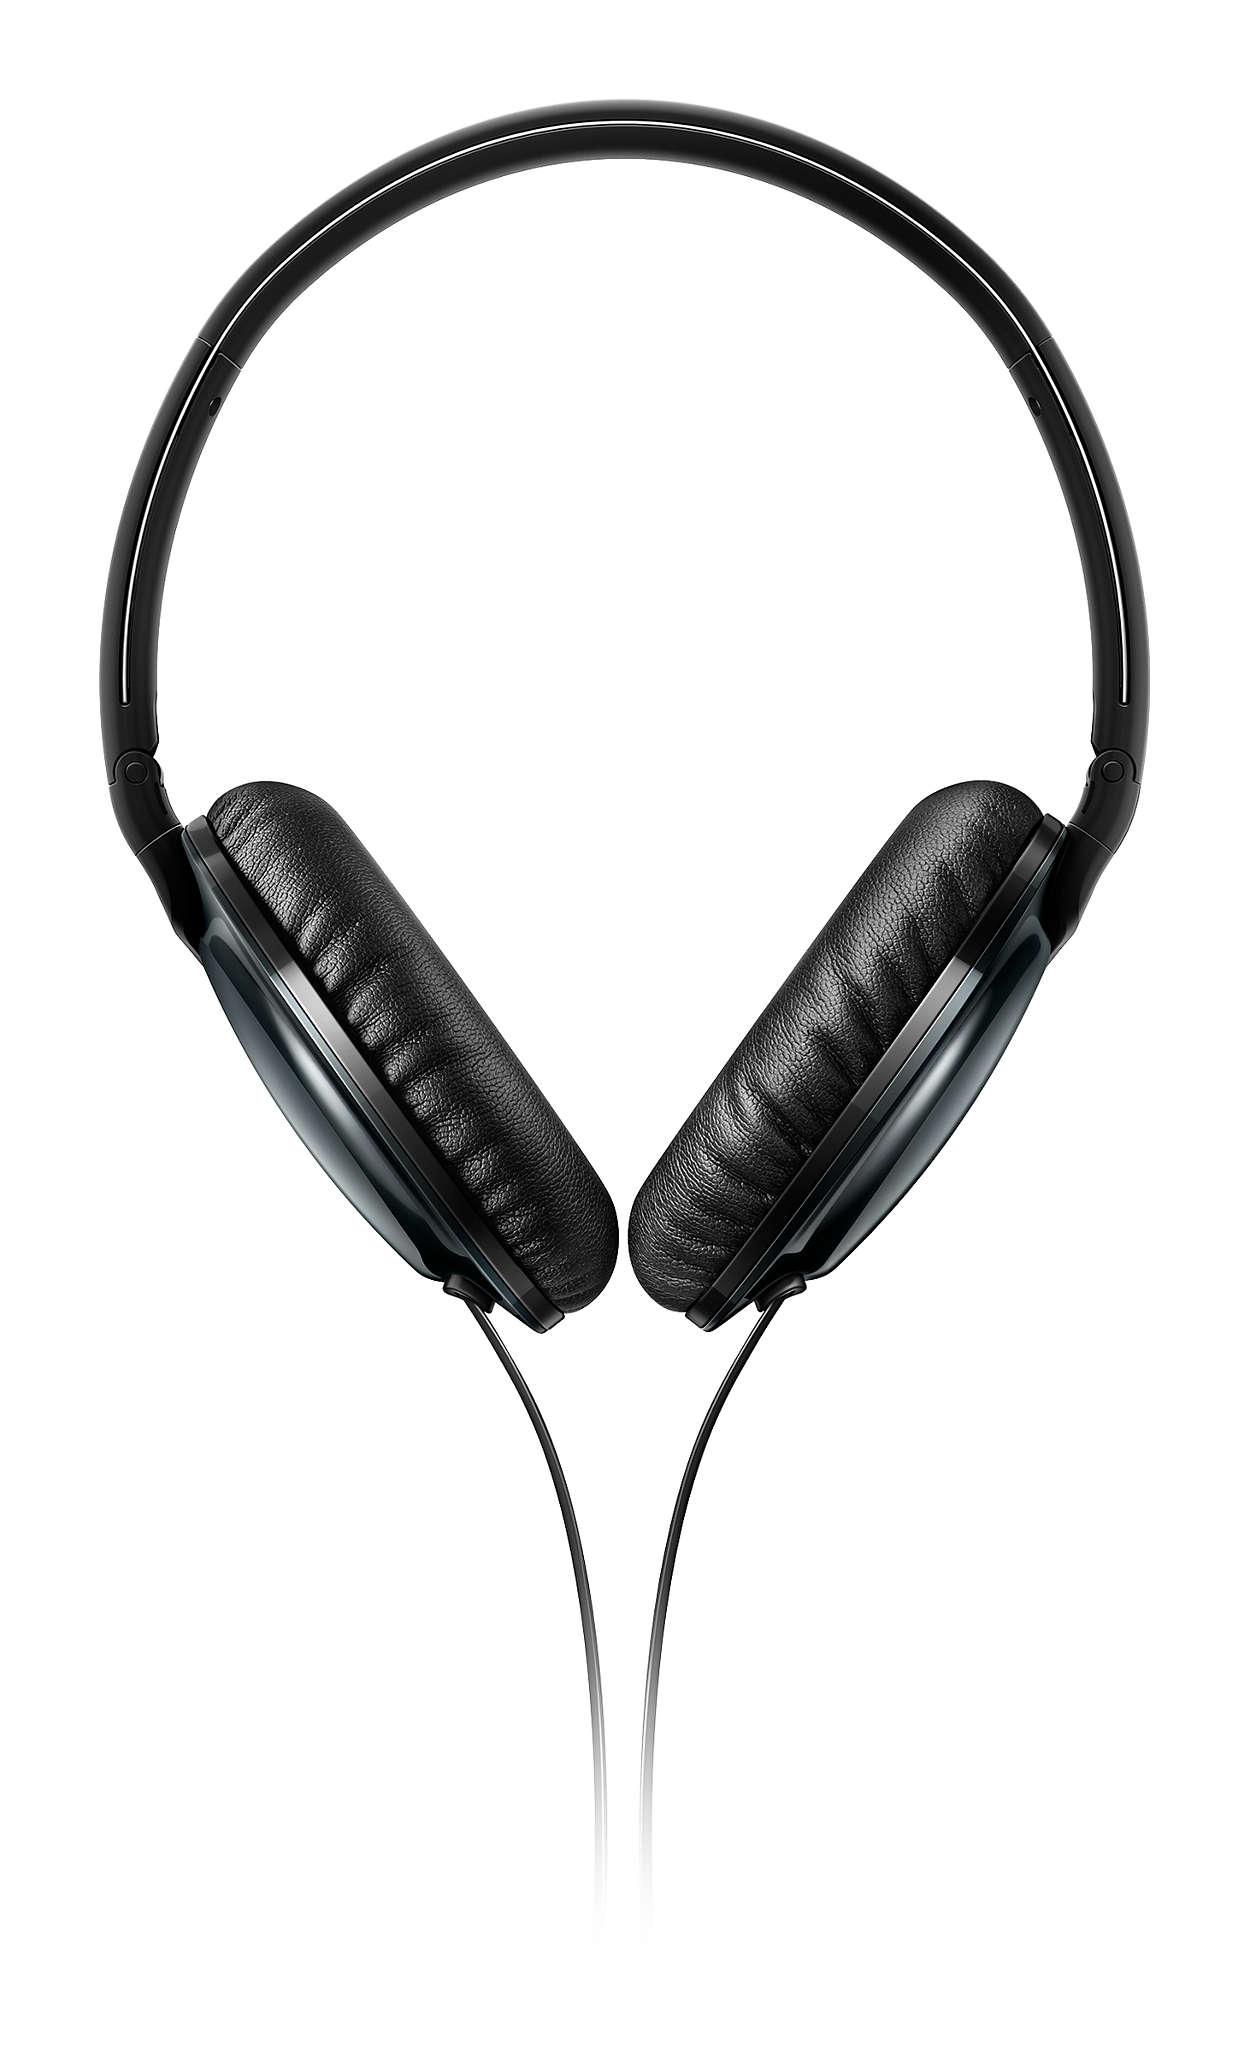 Painovoimaa uhmaavat kuulokkeet